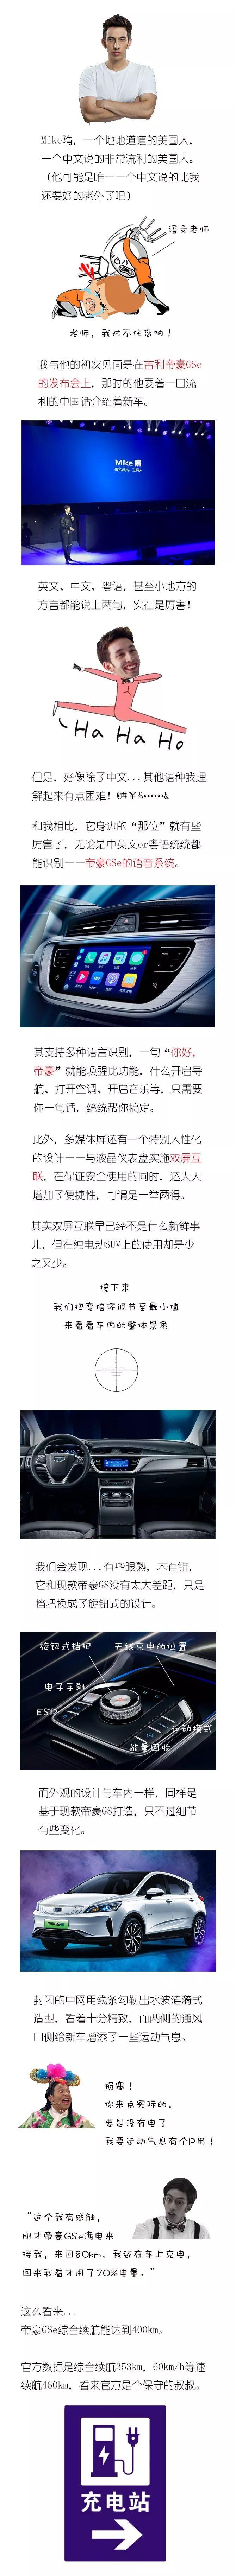 新莆京娱乐官网 2